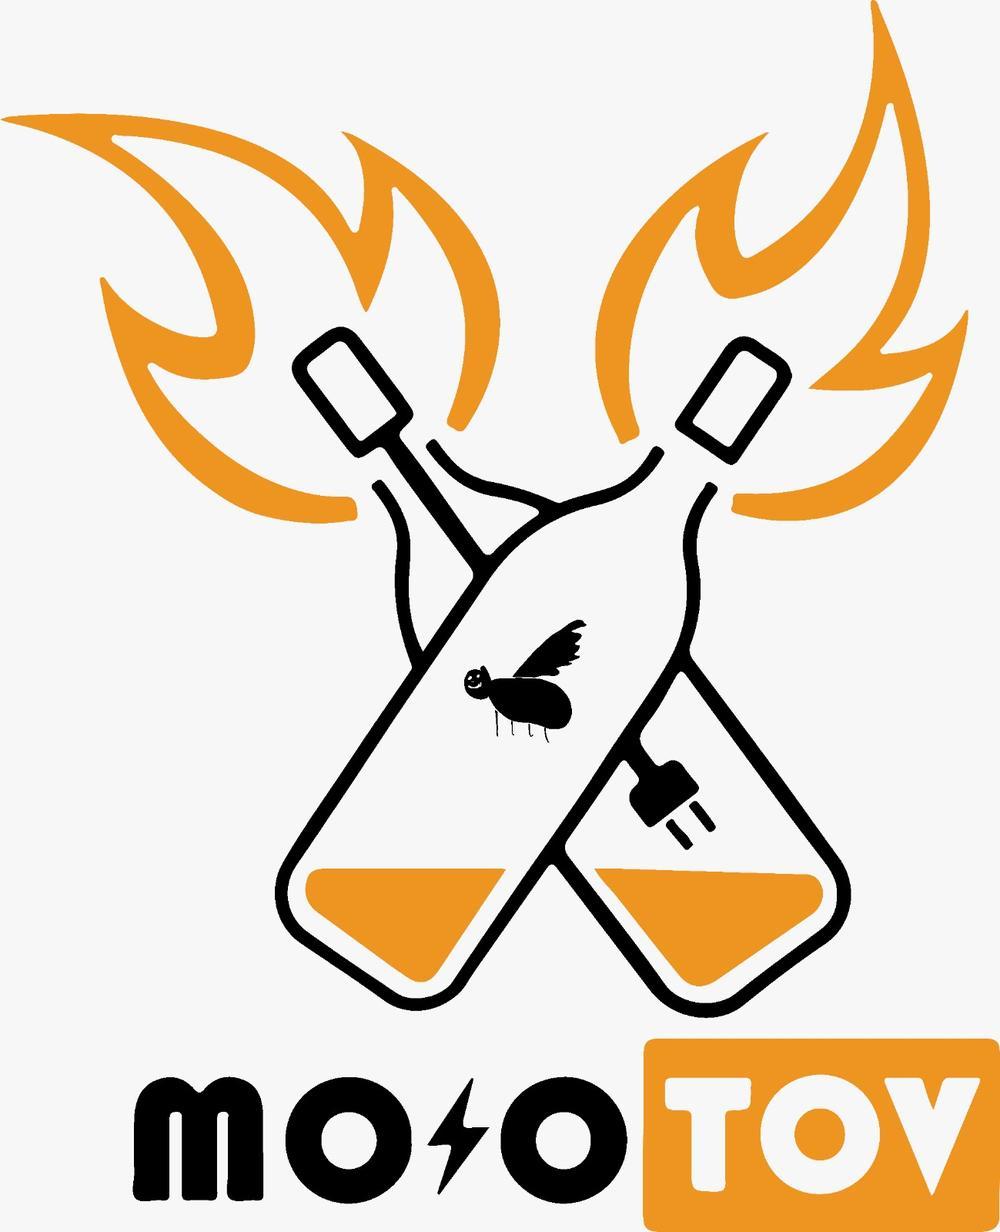 Molotov.jpeg